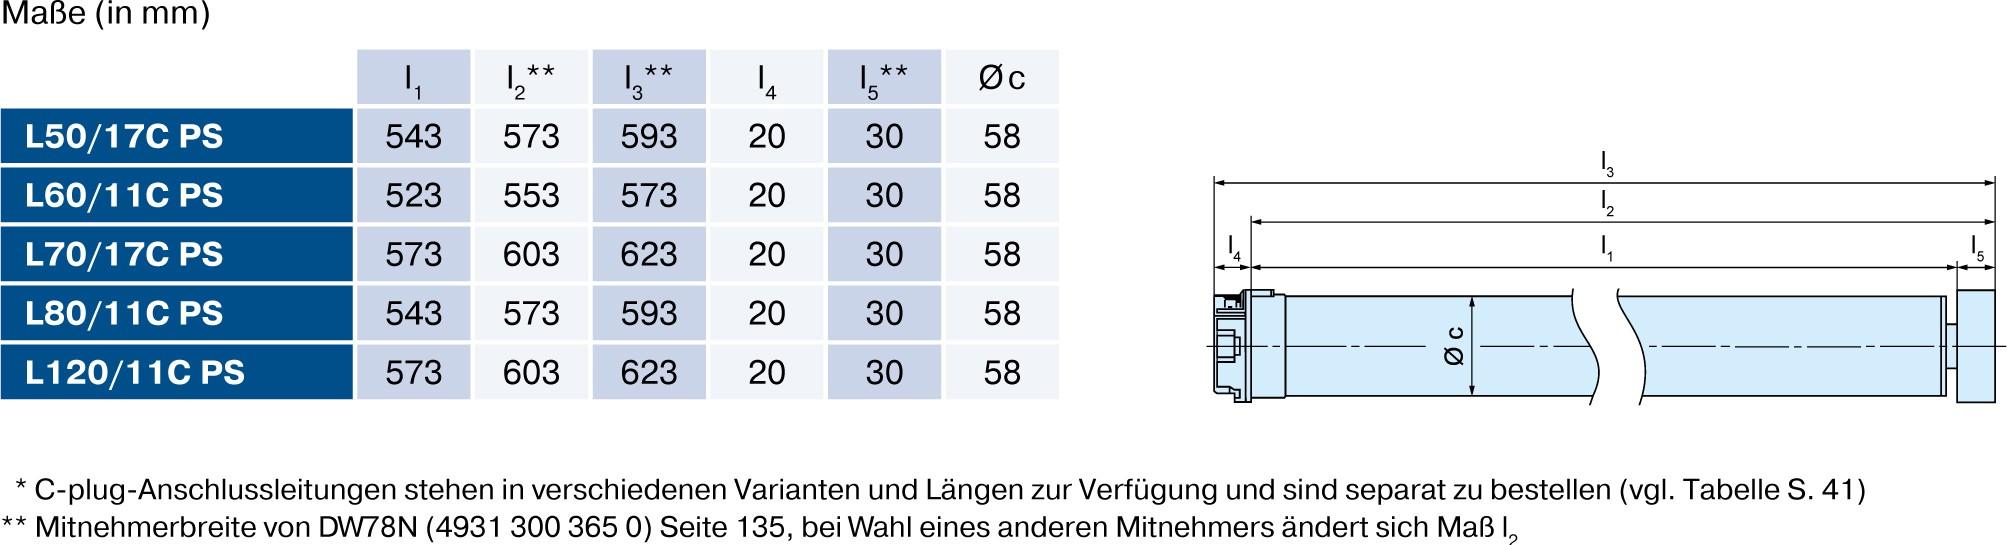 Becker L-C PS(+) Technische Daten und Maße